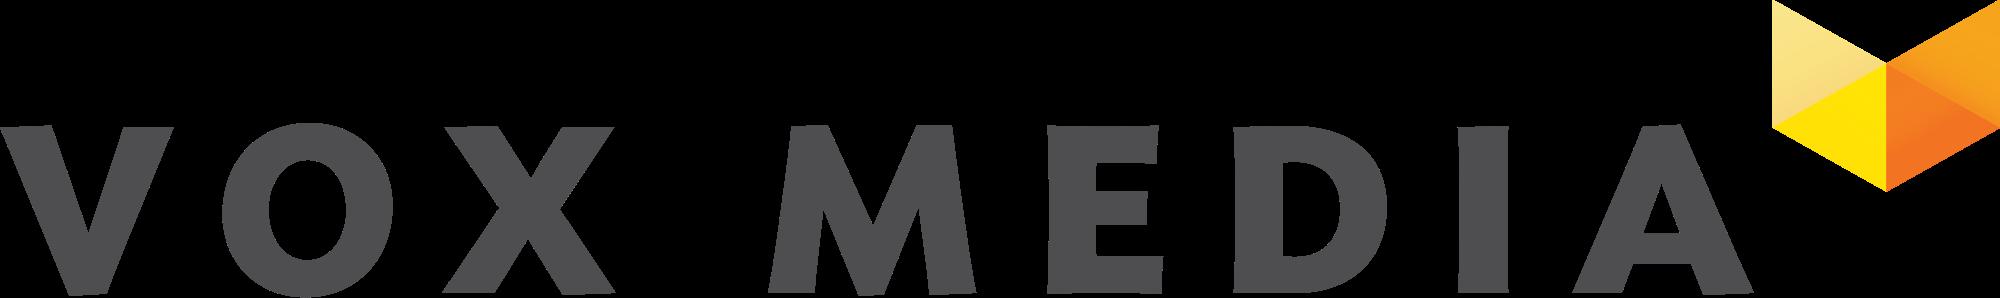 Vox_Media_logo.png